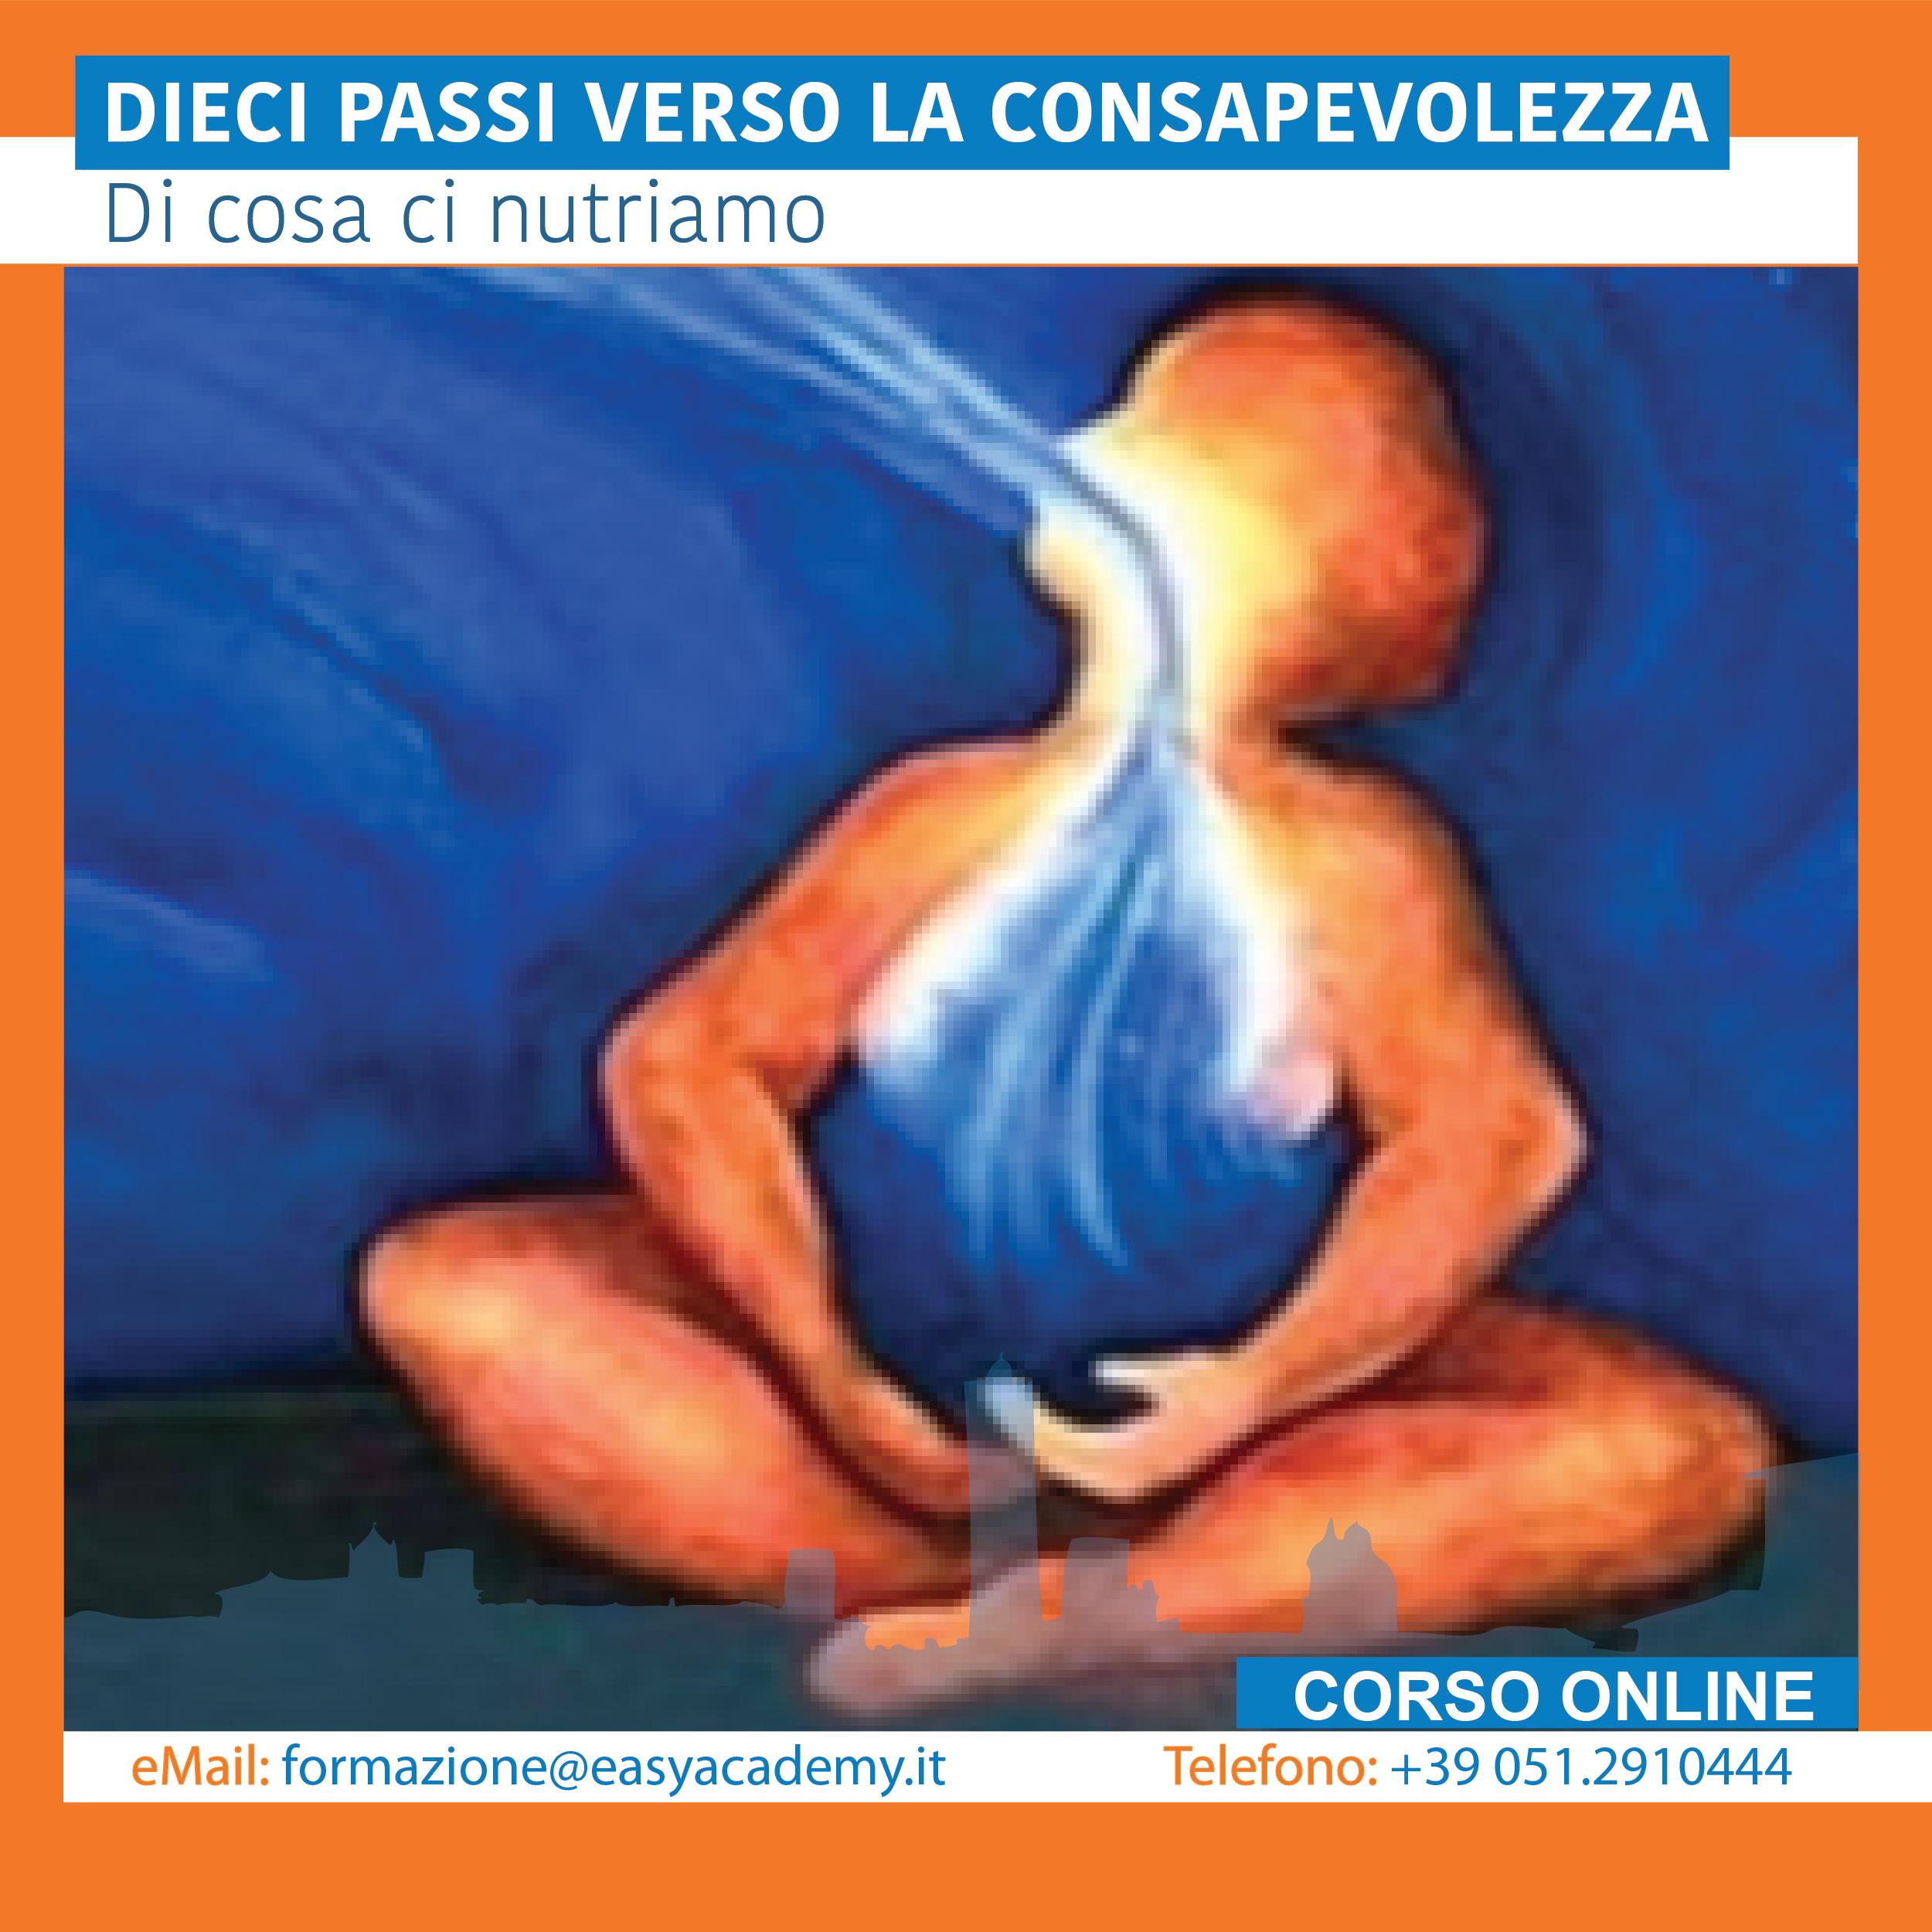 Maura Luperto: DIECI PASSI VERSO LA CONSAPEVOLEZZA – DECIMA LEZIONE